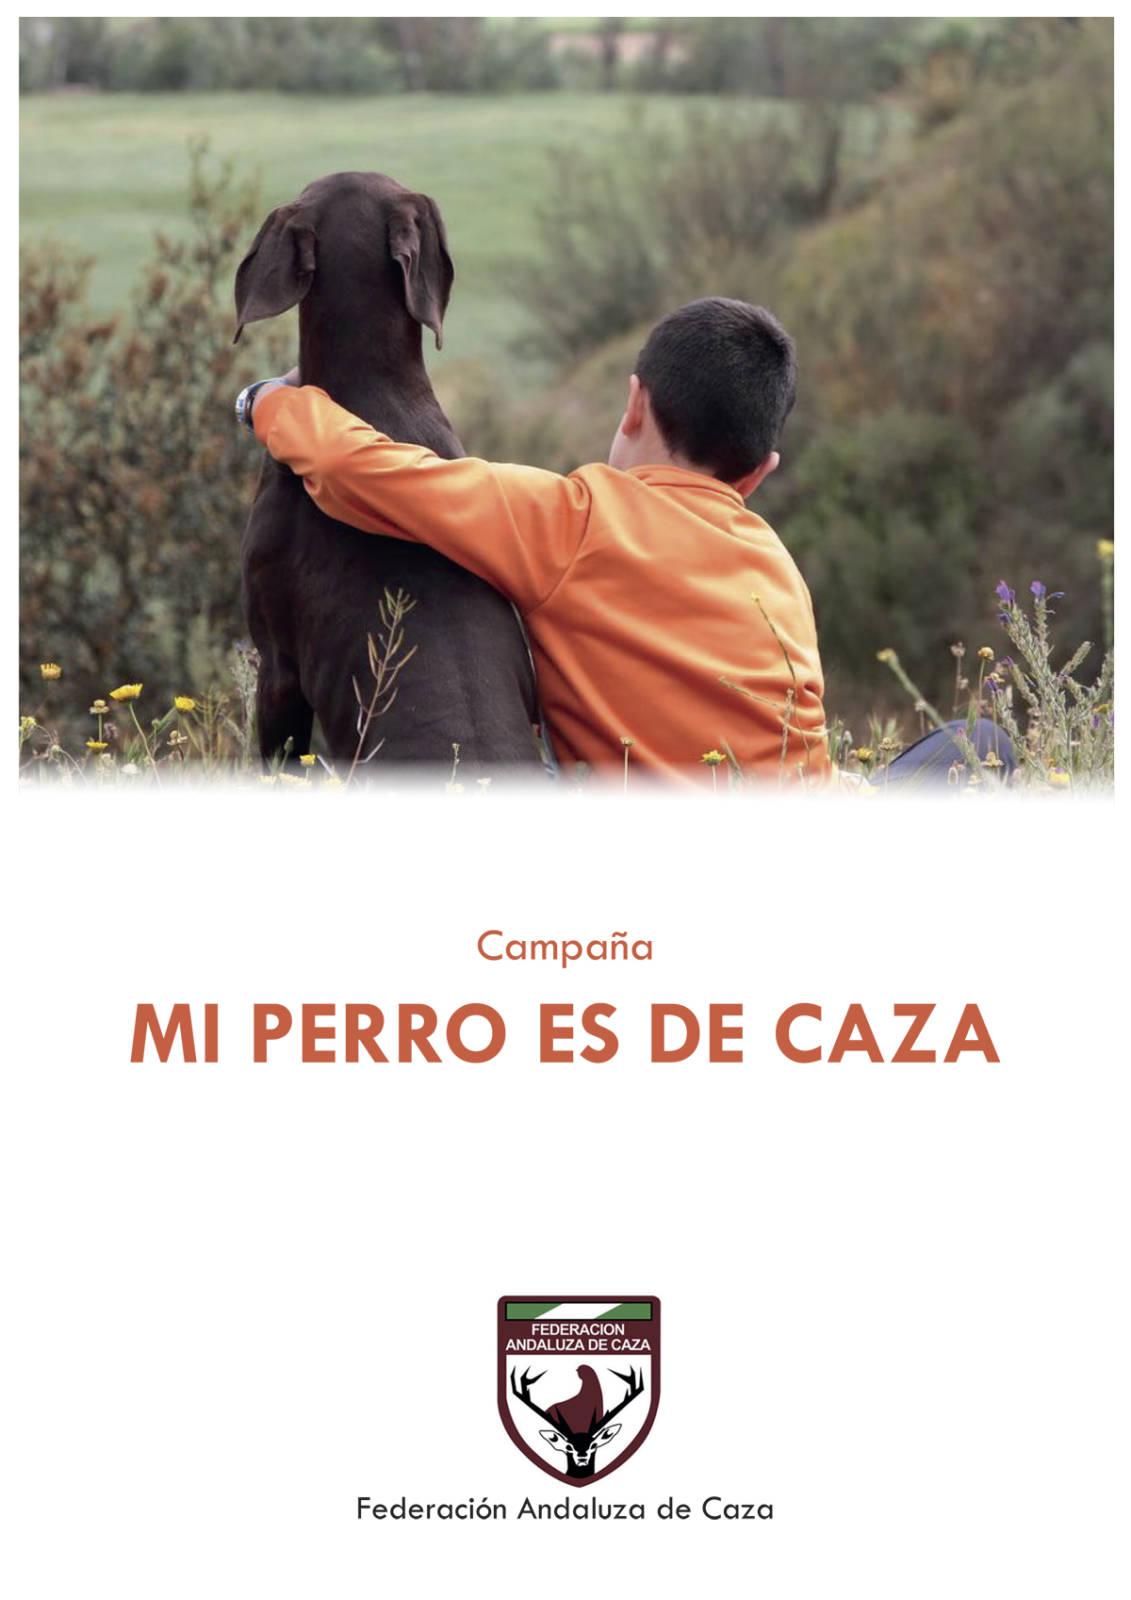 """La FAC reactivará la campaña """"Mi Perro es de Caza"""" con varias acciones que comienzan este lunes"""